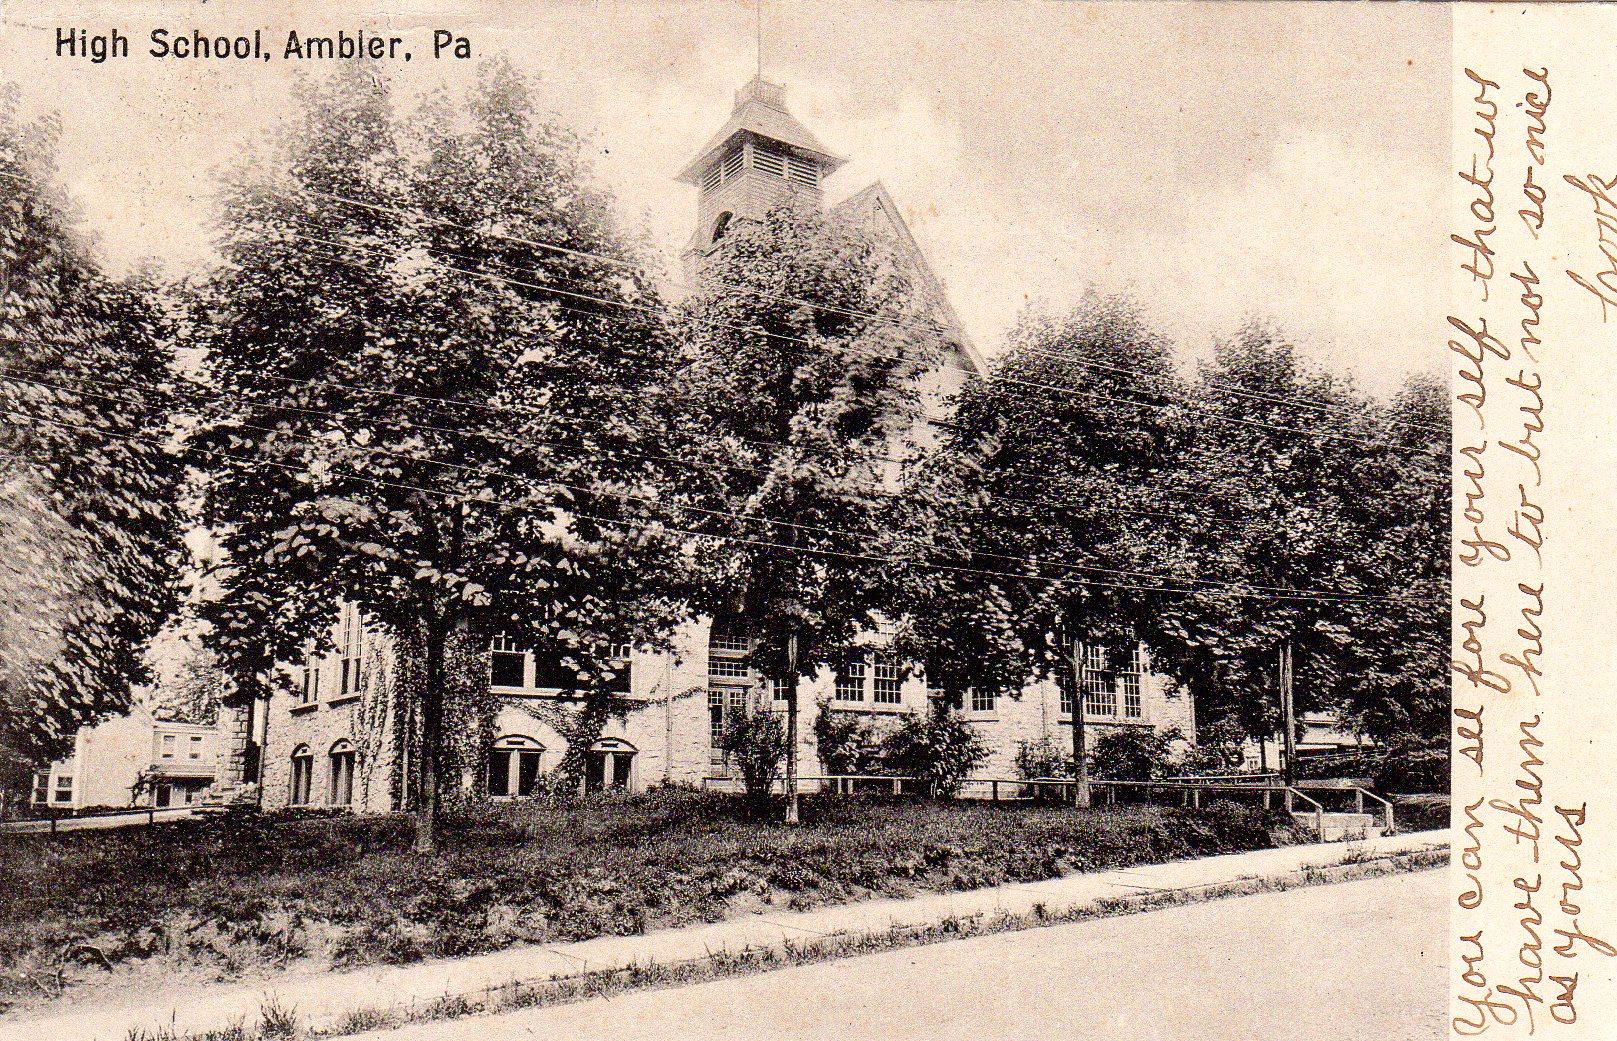 Post Card Collection (E Simon)_2682_89_High School, Ambler, Pa_3 Dec 1906